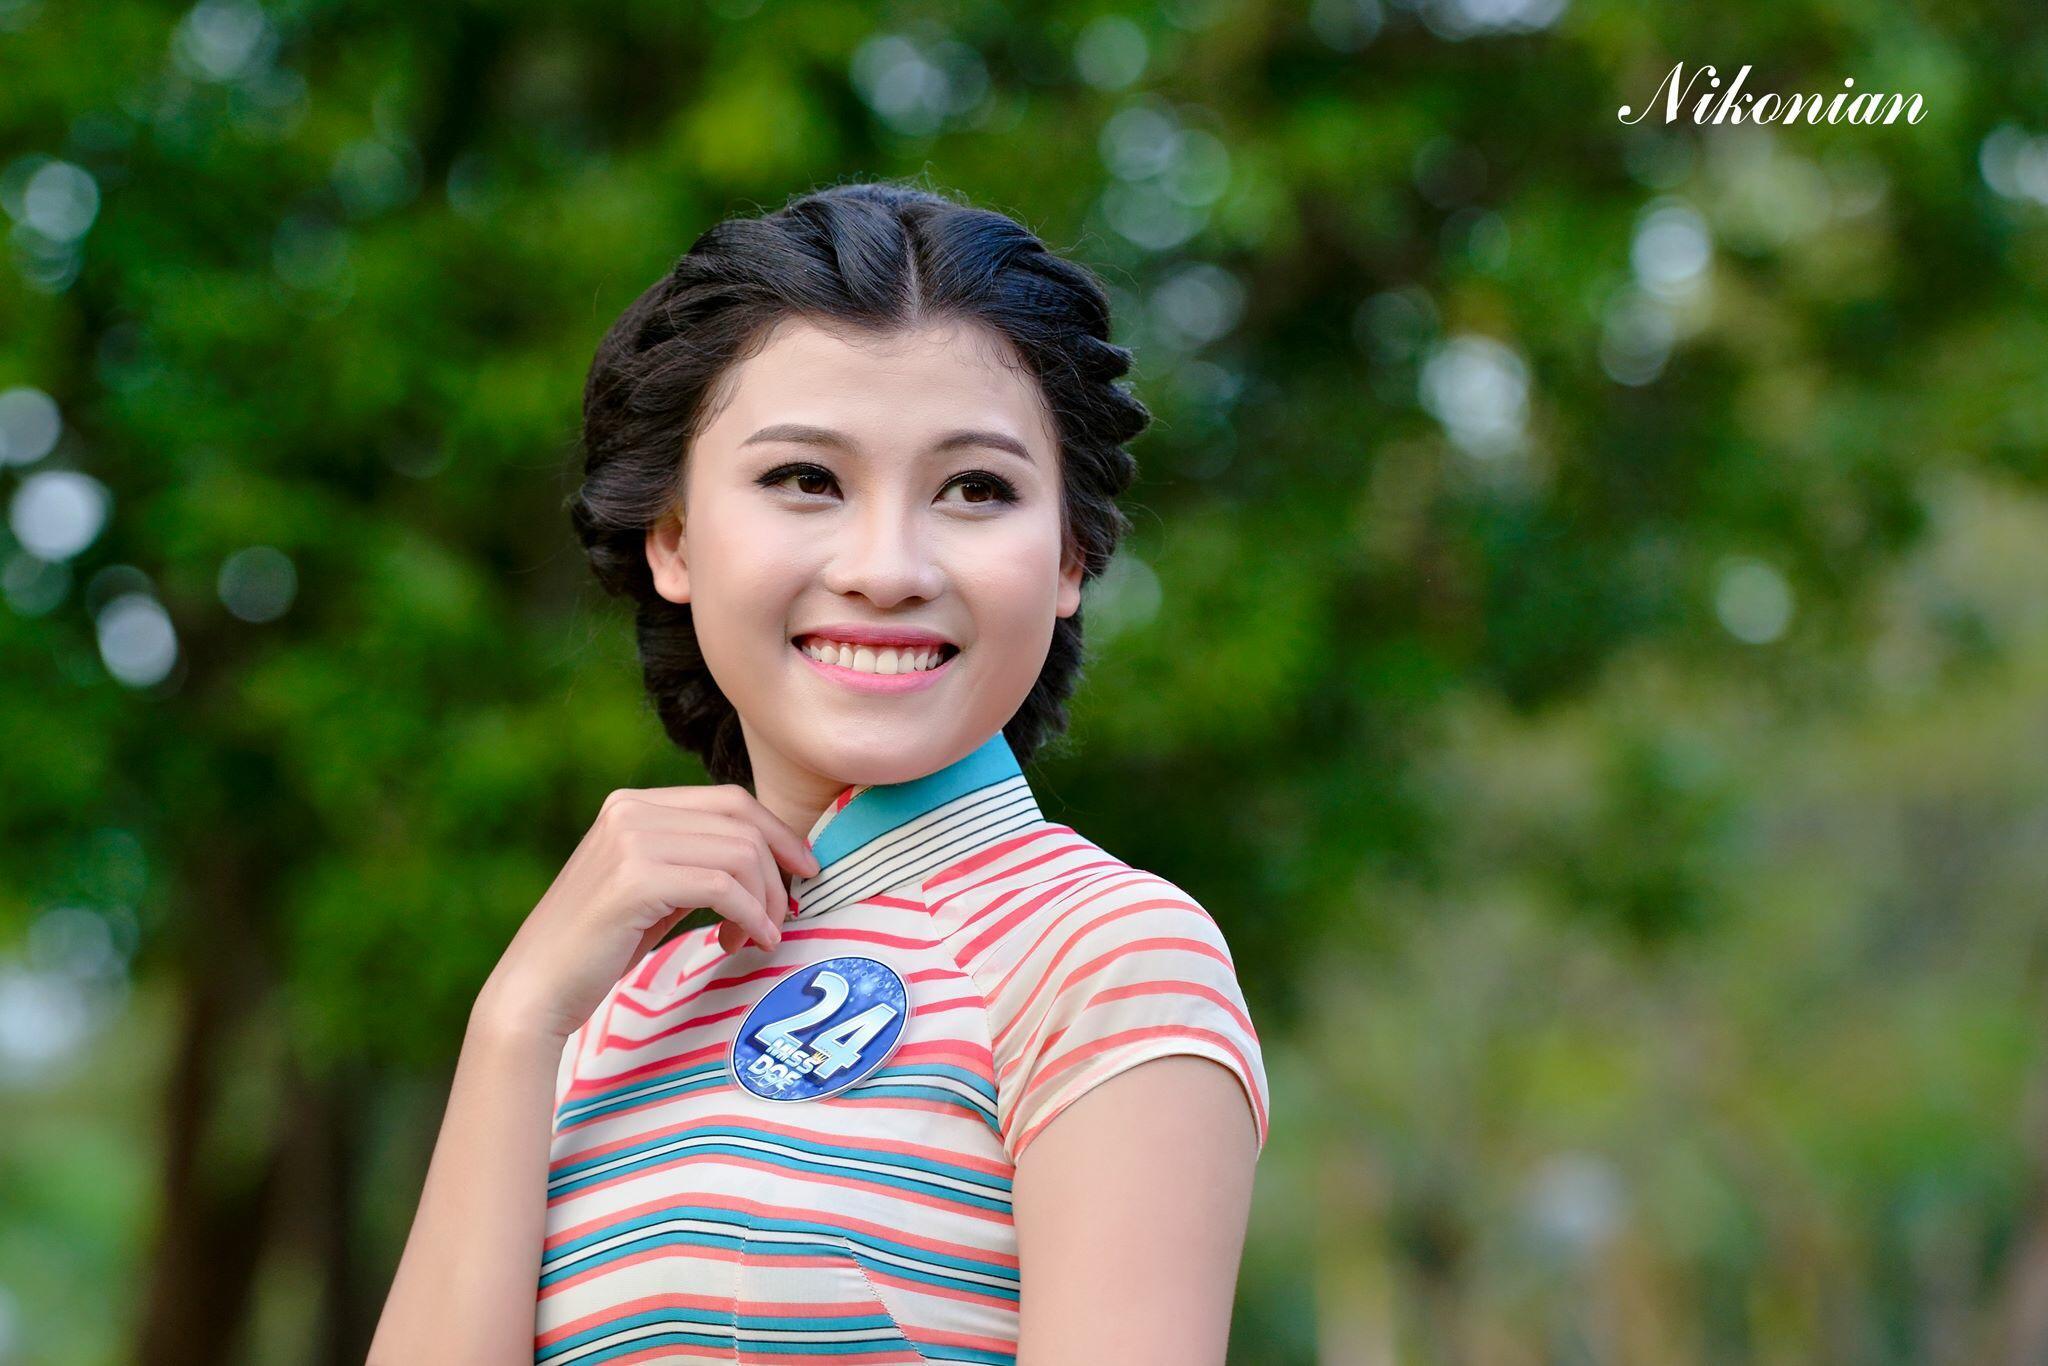 cung-cap-nhan-su-pg-model-nguoi-mau-nguyen-nhung